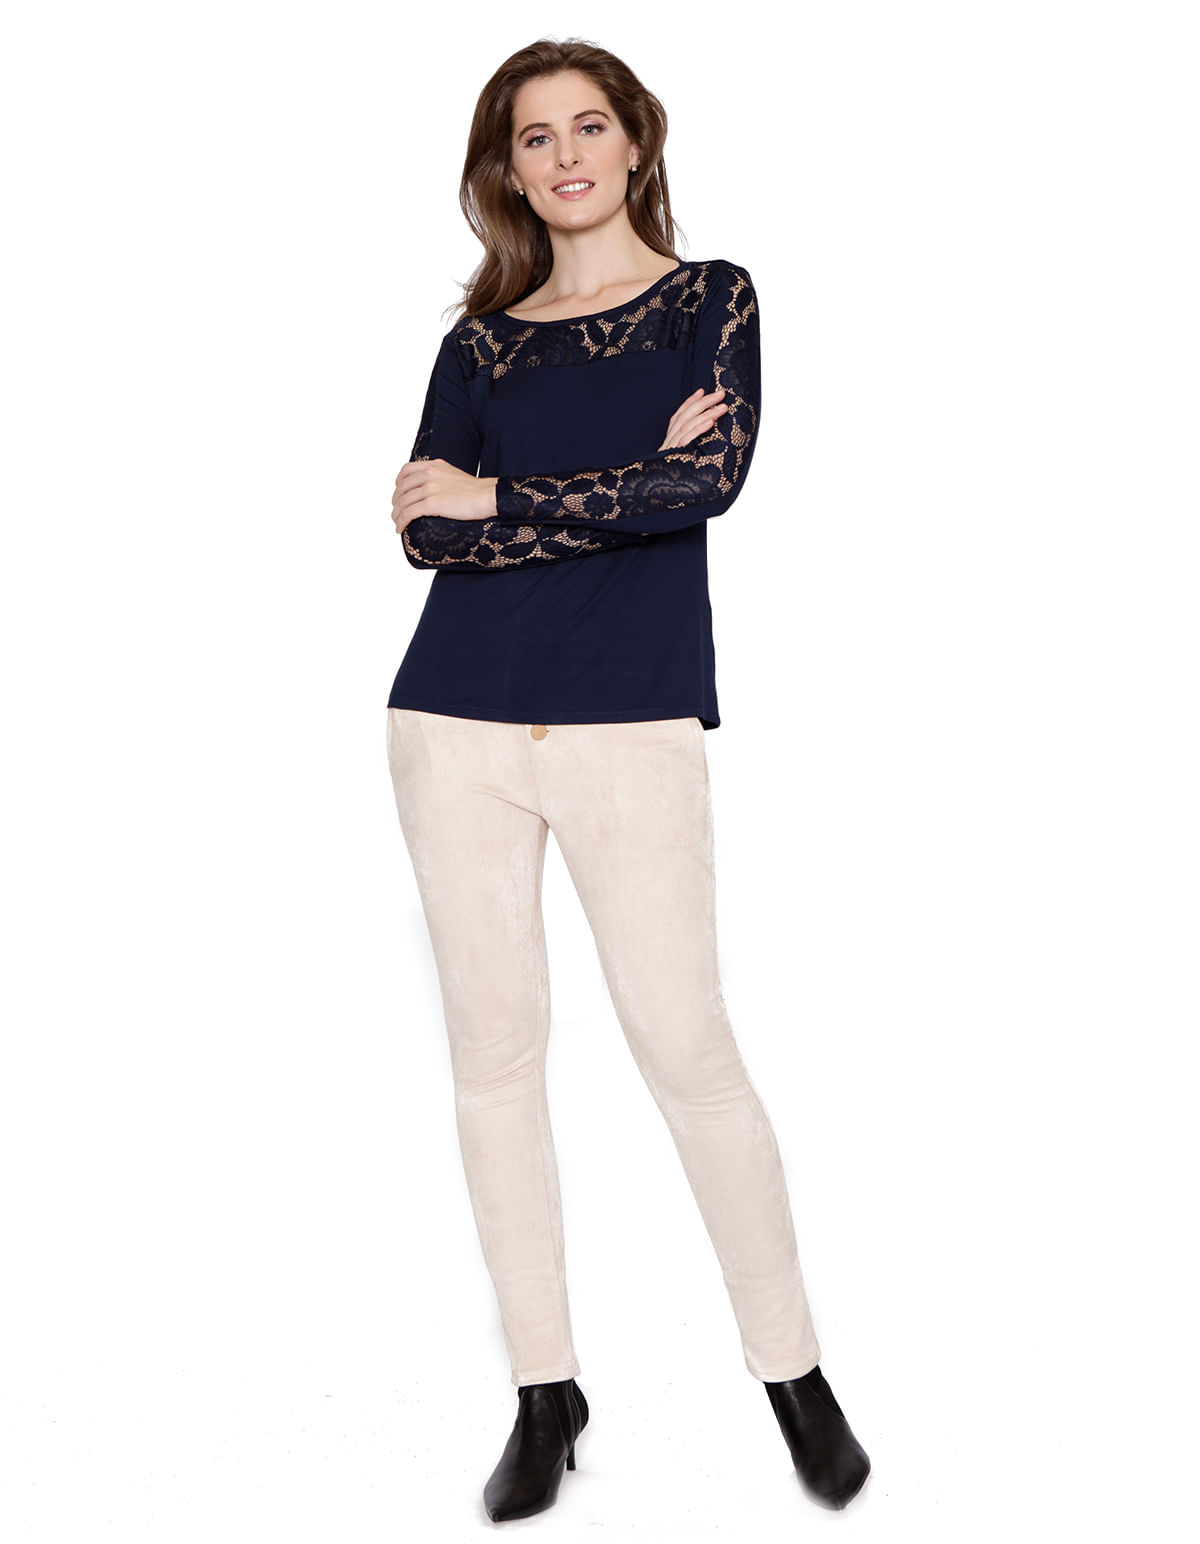 abf37c24fe Blusa manga longa pala e faixa de renda azul marinho - LucyintheSky